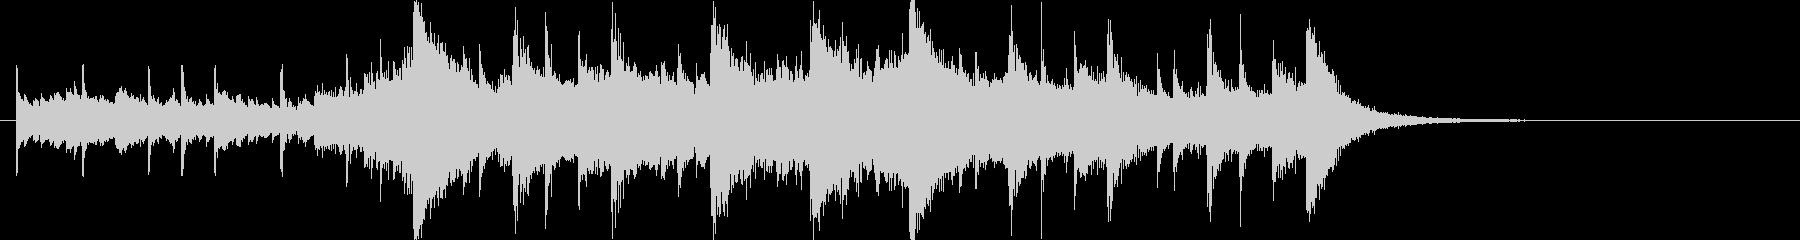 幻想的で壮大なオーケストラOPジングルcの未再生の波形